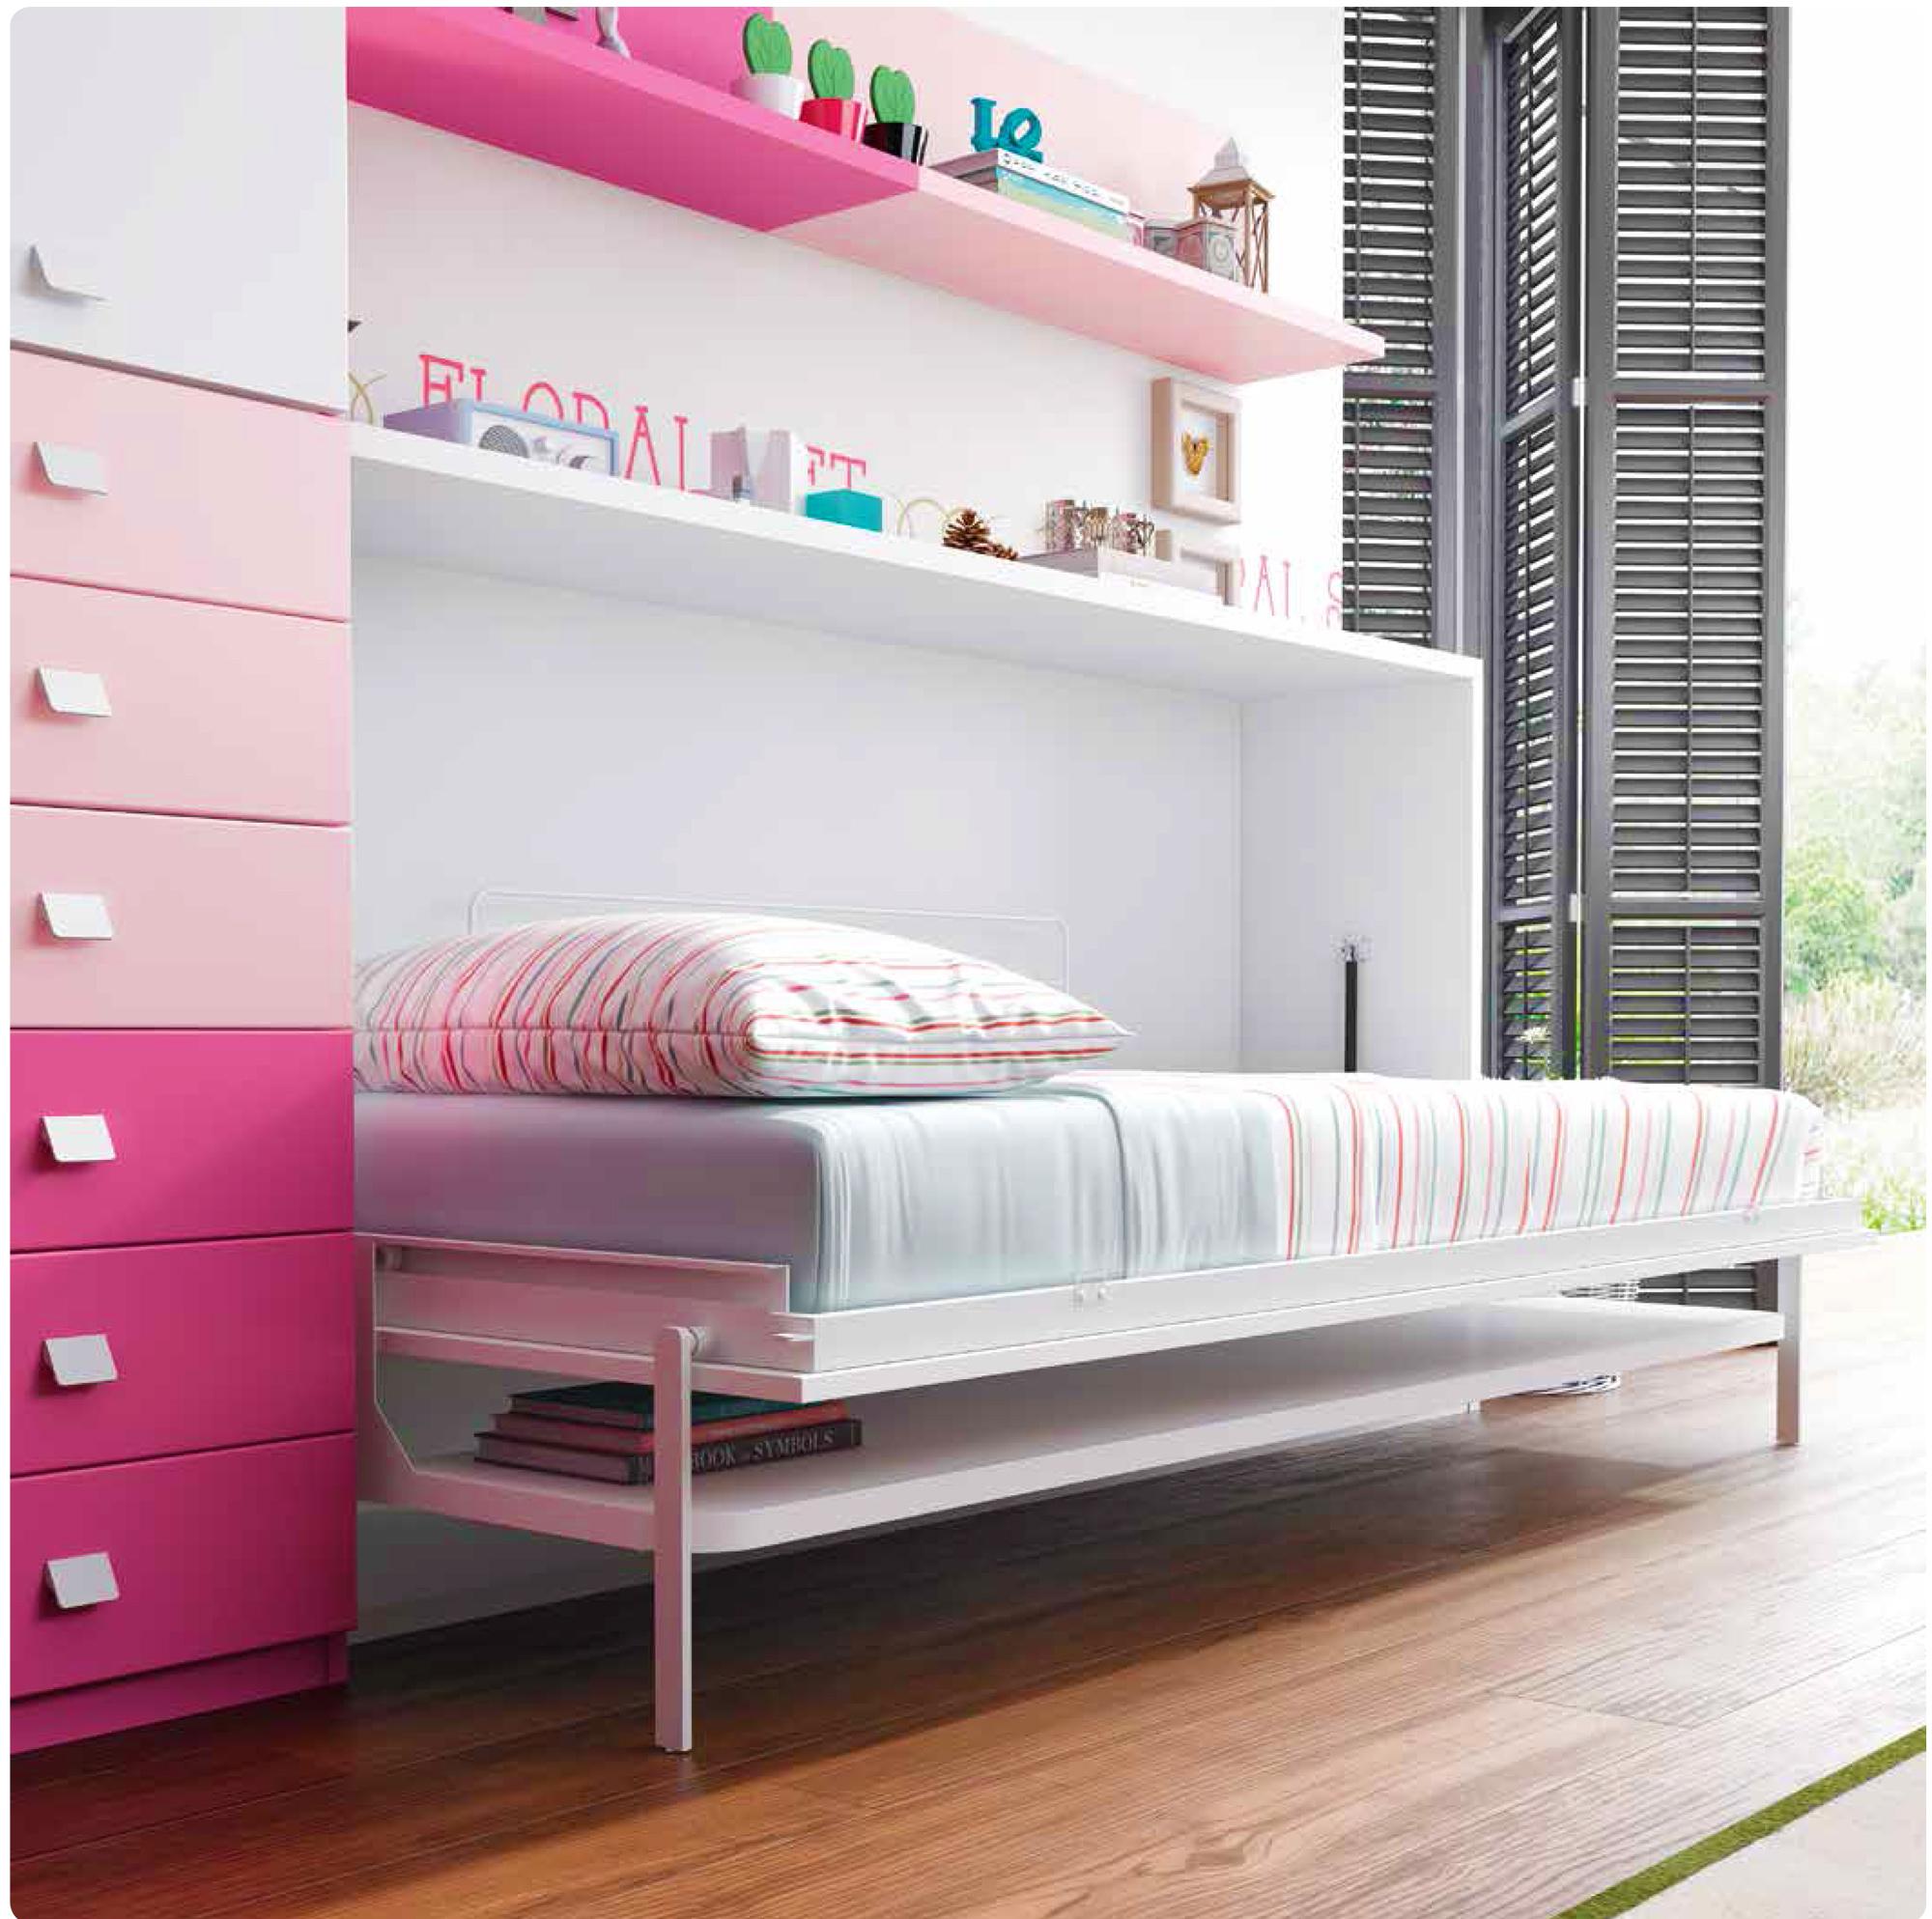 le guide d 39 achat du lit escamotable mural ou lit rabattable. Black Bedroom Furniture Sets. Home Design Ideas